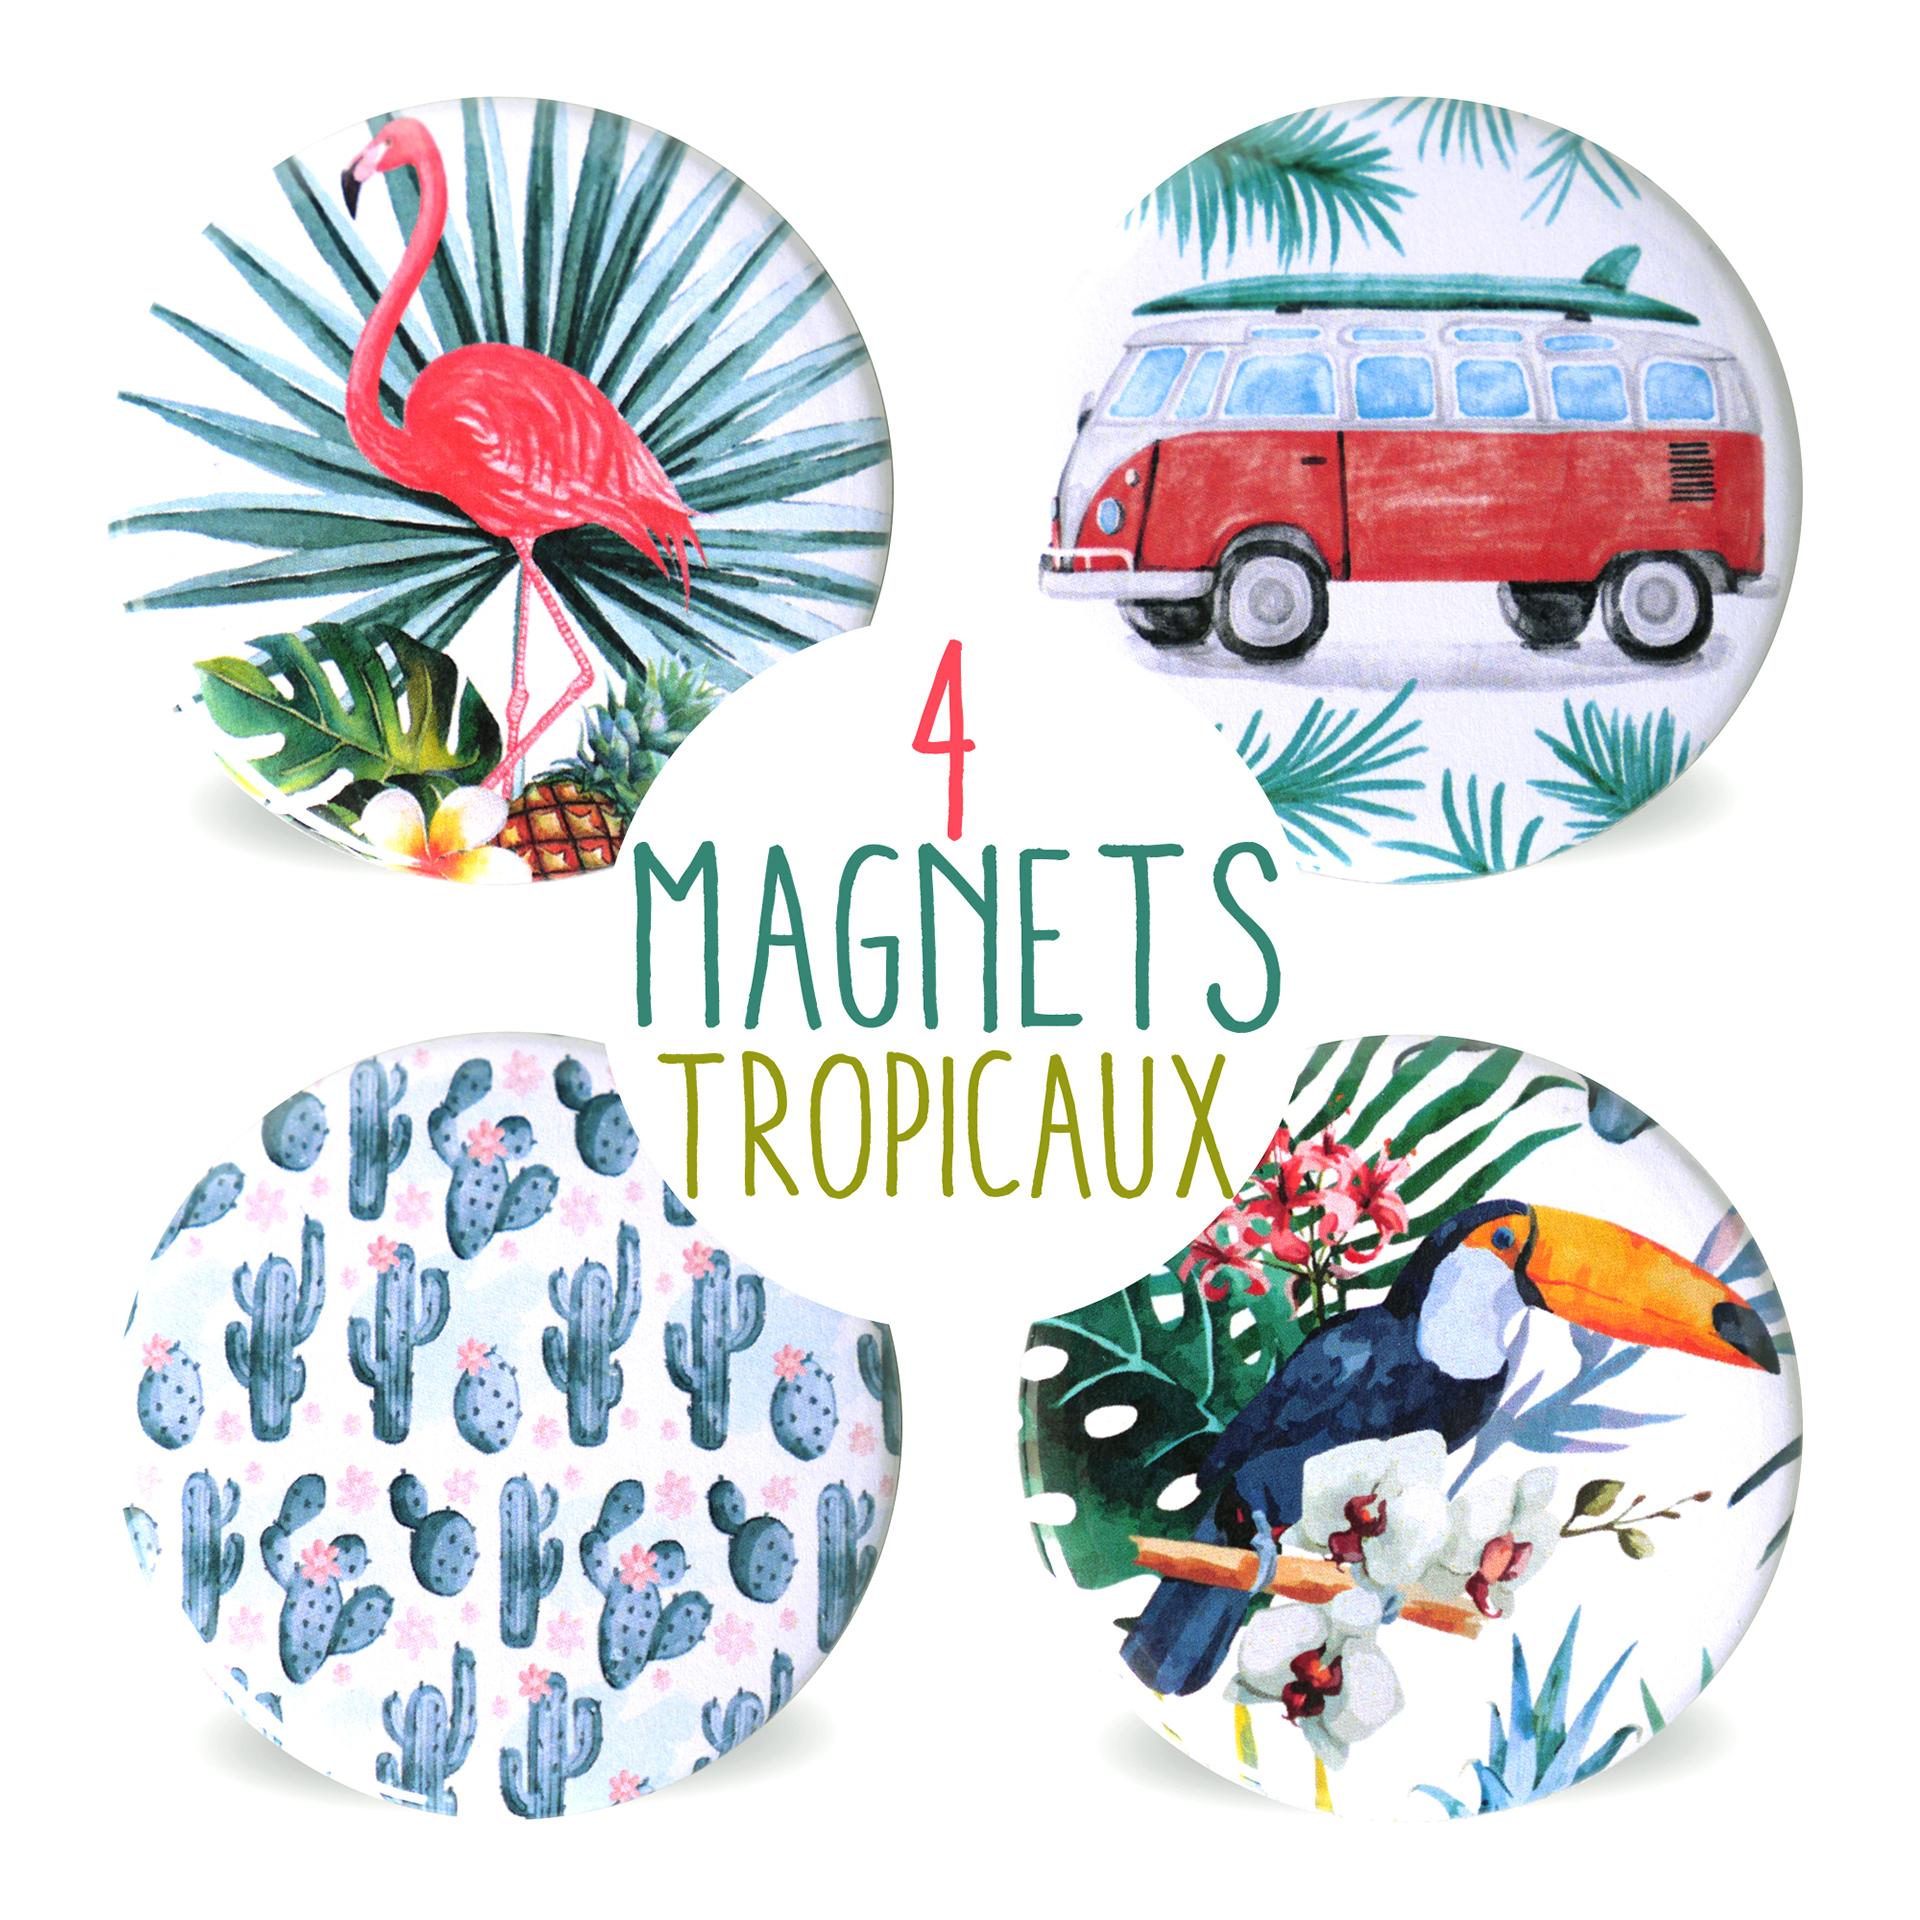 lot de 4 magnets rond 56 mm aimant frigo cuisine tropical exotique flamant rose toucan cactus. Black Bedroom Furniture Sets. Home Design Ideas